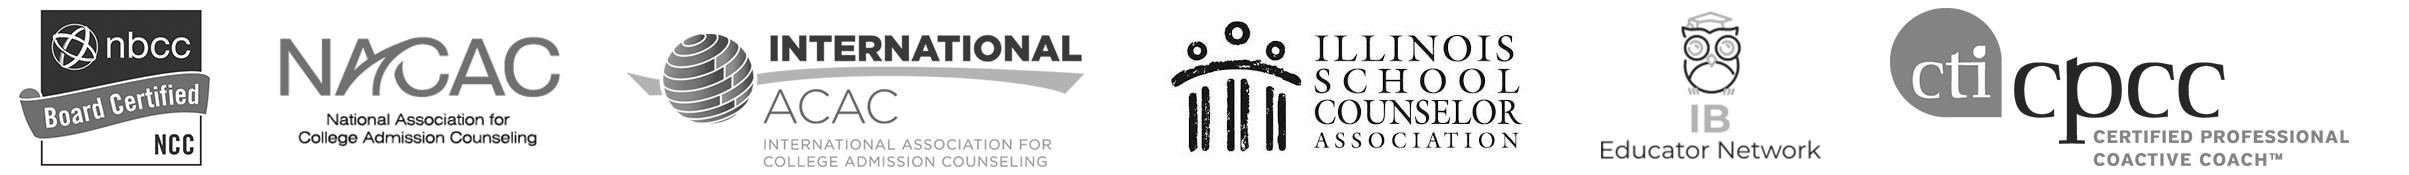 associations logos.png